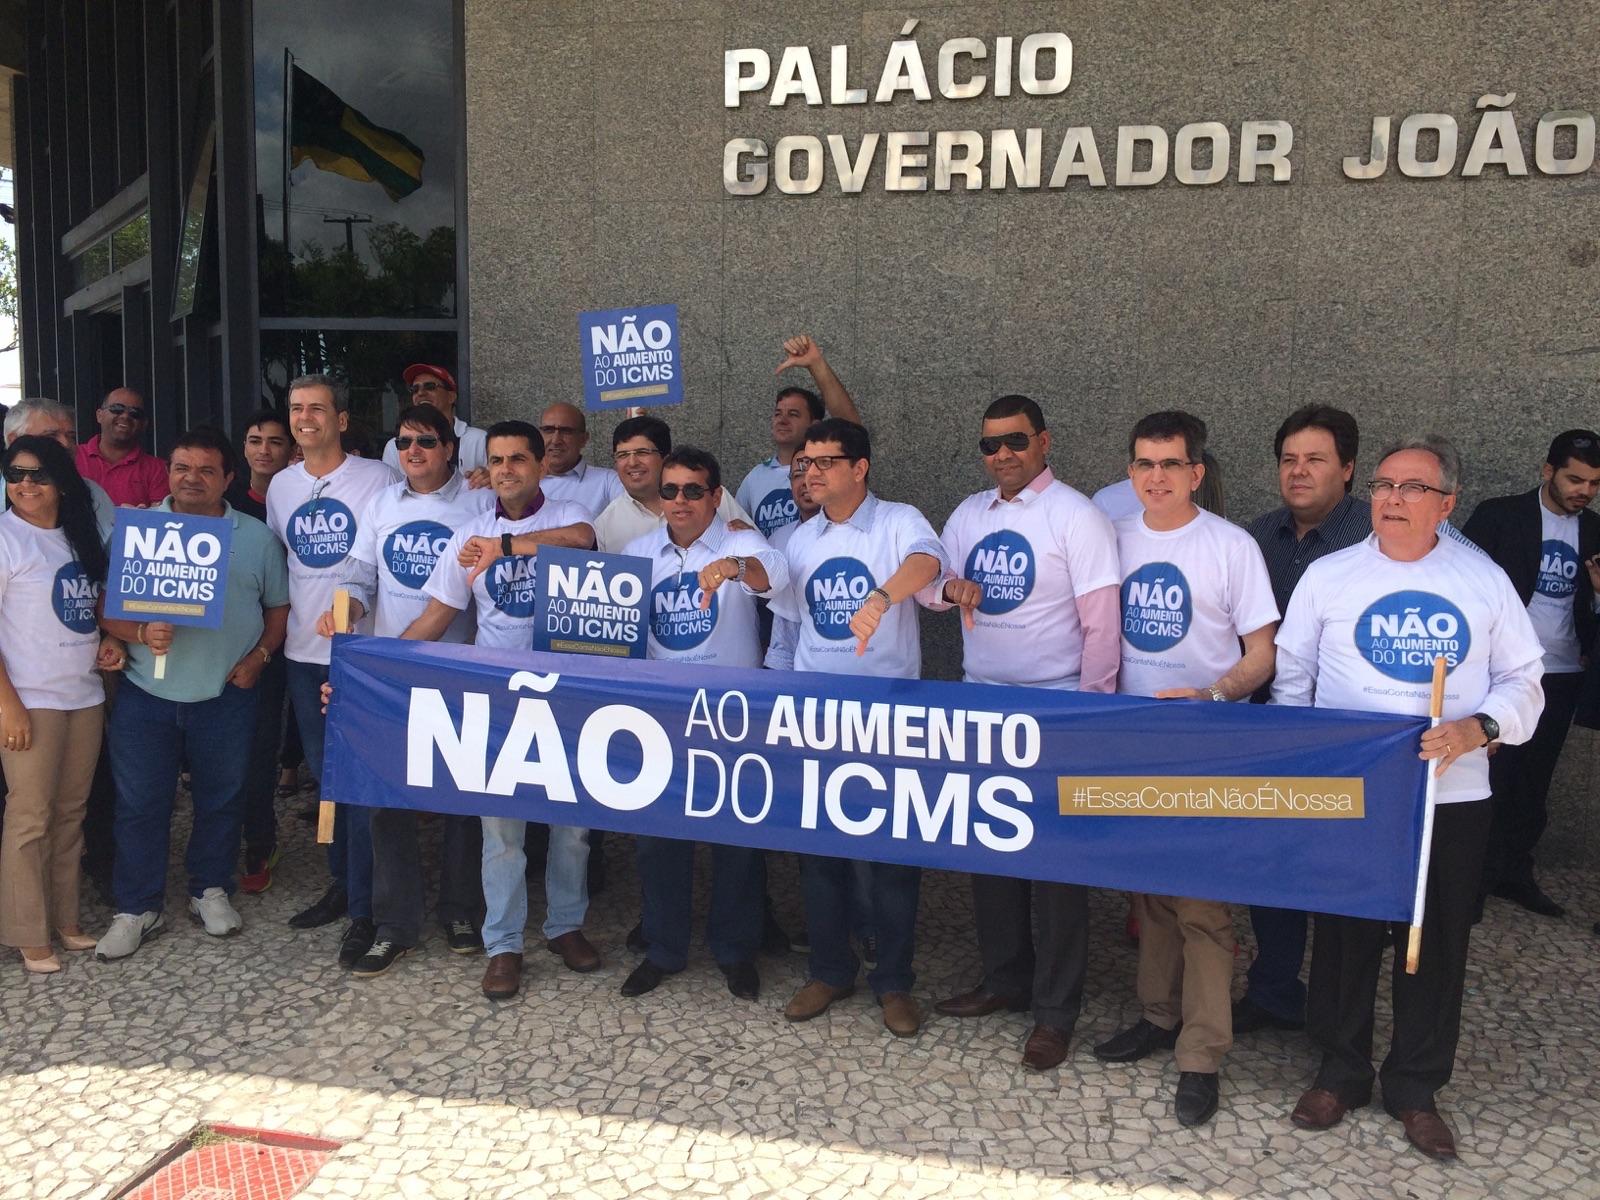 Empresários vão a assembléia  protestar contra aumento de ICMS